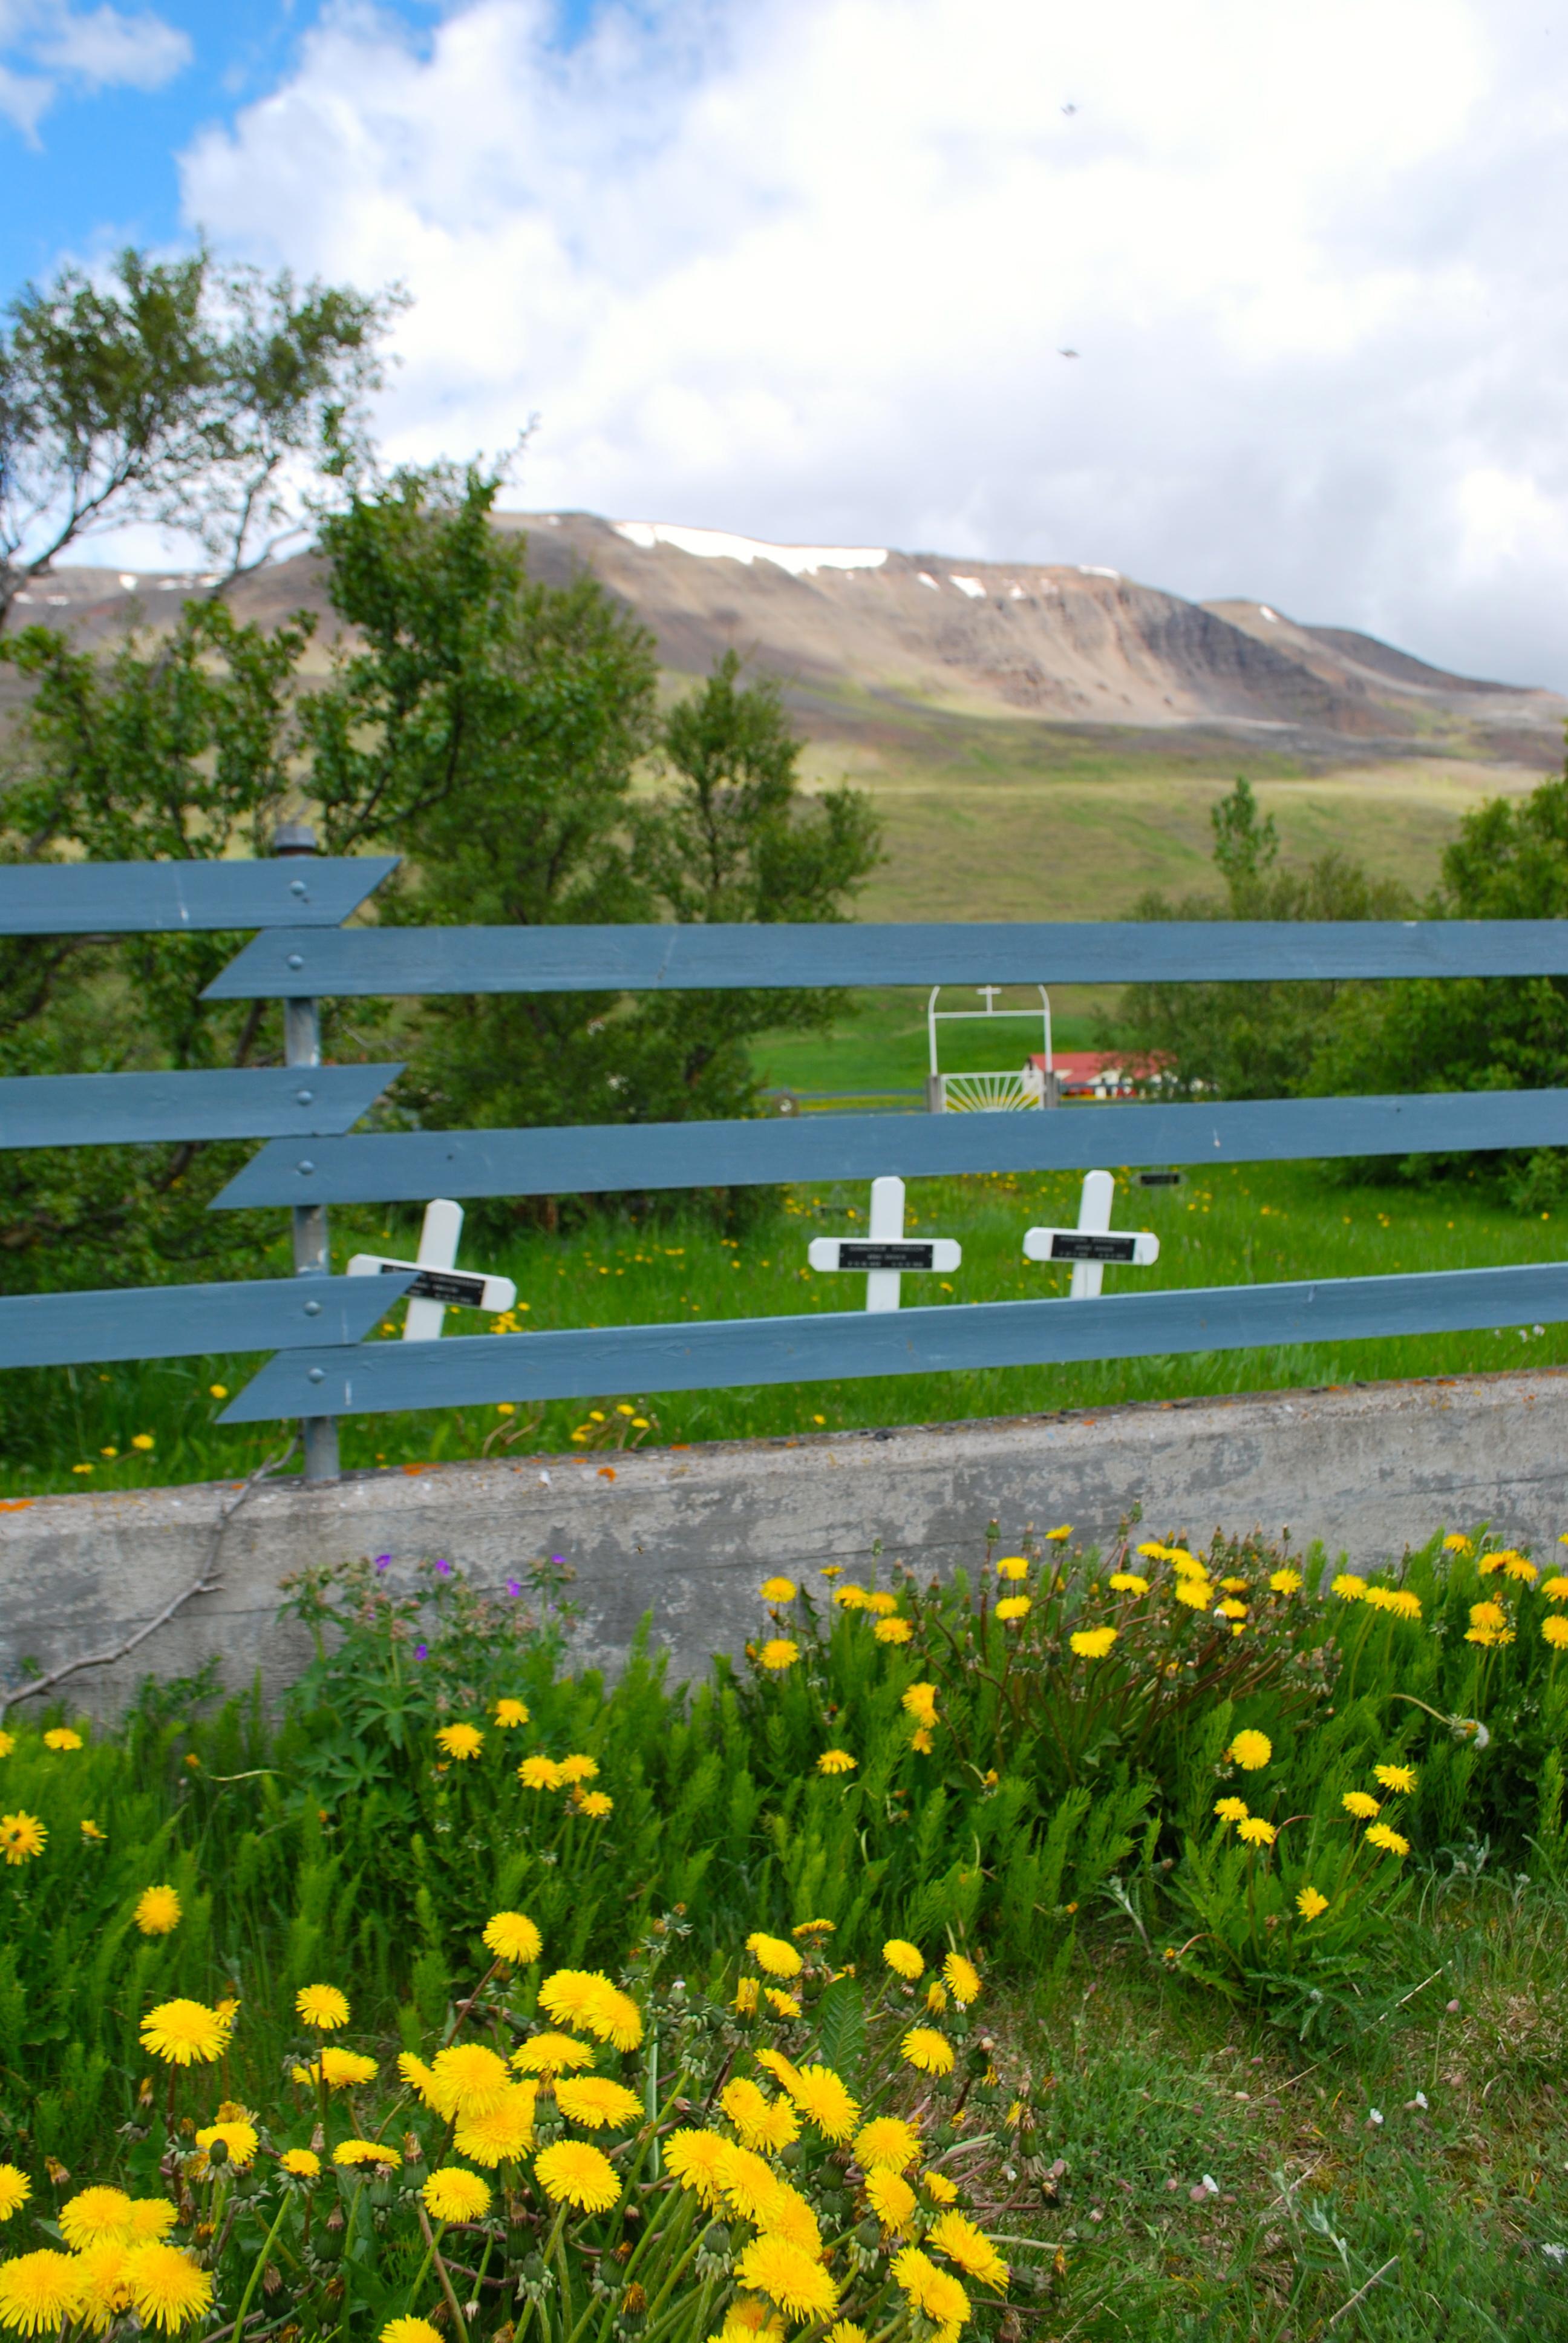 Rural scene in Iceland